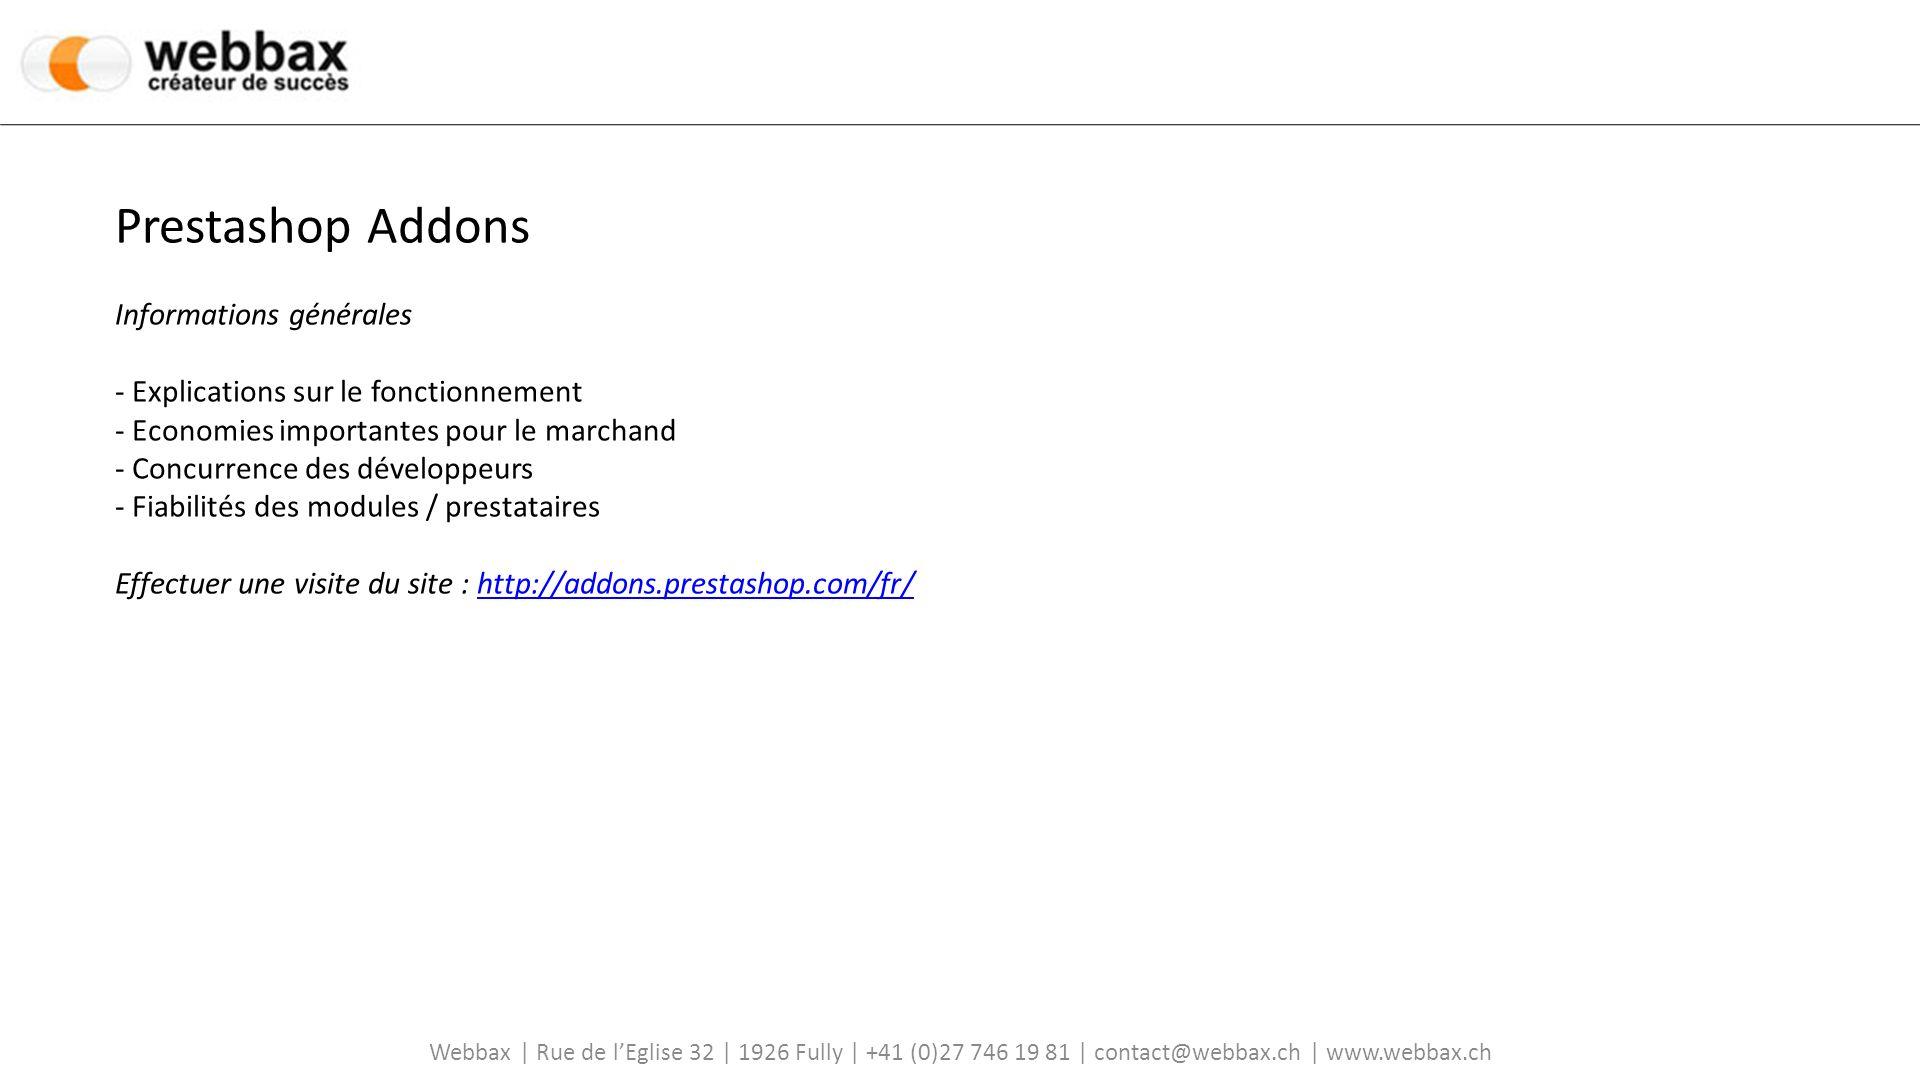 Webbax | Rue de lEglise 32 | 1926 Fully | +41 (0)27 746 19 81 | contact@webbax.ch | www.webbax.ch Prestashop Addons Informations générales - Explications sur le fonctionnement - Economies importantes pour le marchand - Concurrence des développeurs - Fiabilités des modules / prestataires Effectuer une visite du site : http://addons.prestashop.com/fr/http://addons.prestashop.com/fr/